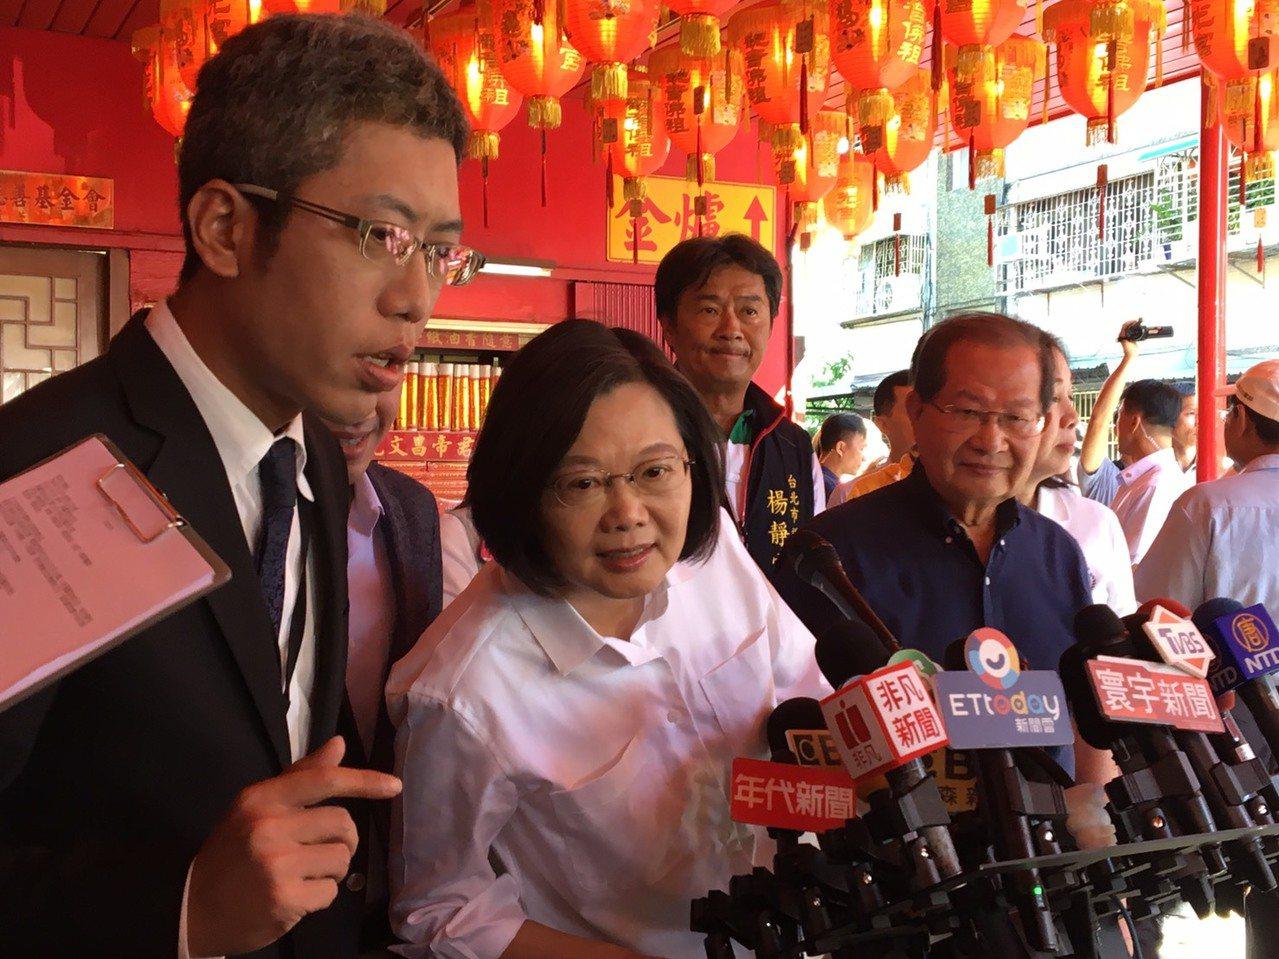 蔡英文總統今天到台北市海光宮參拜,會前接受媒體訪問回應時事。記者周佑政/攝影